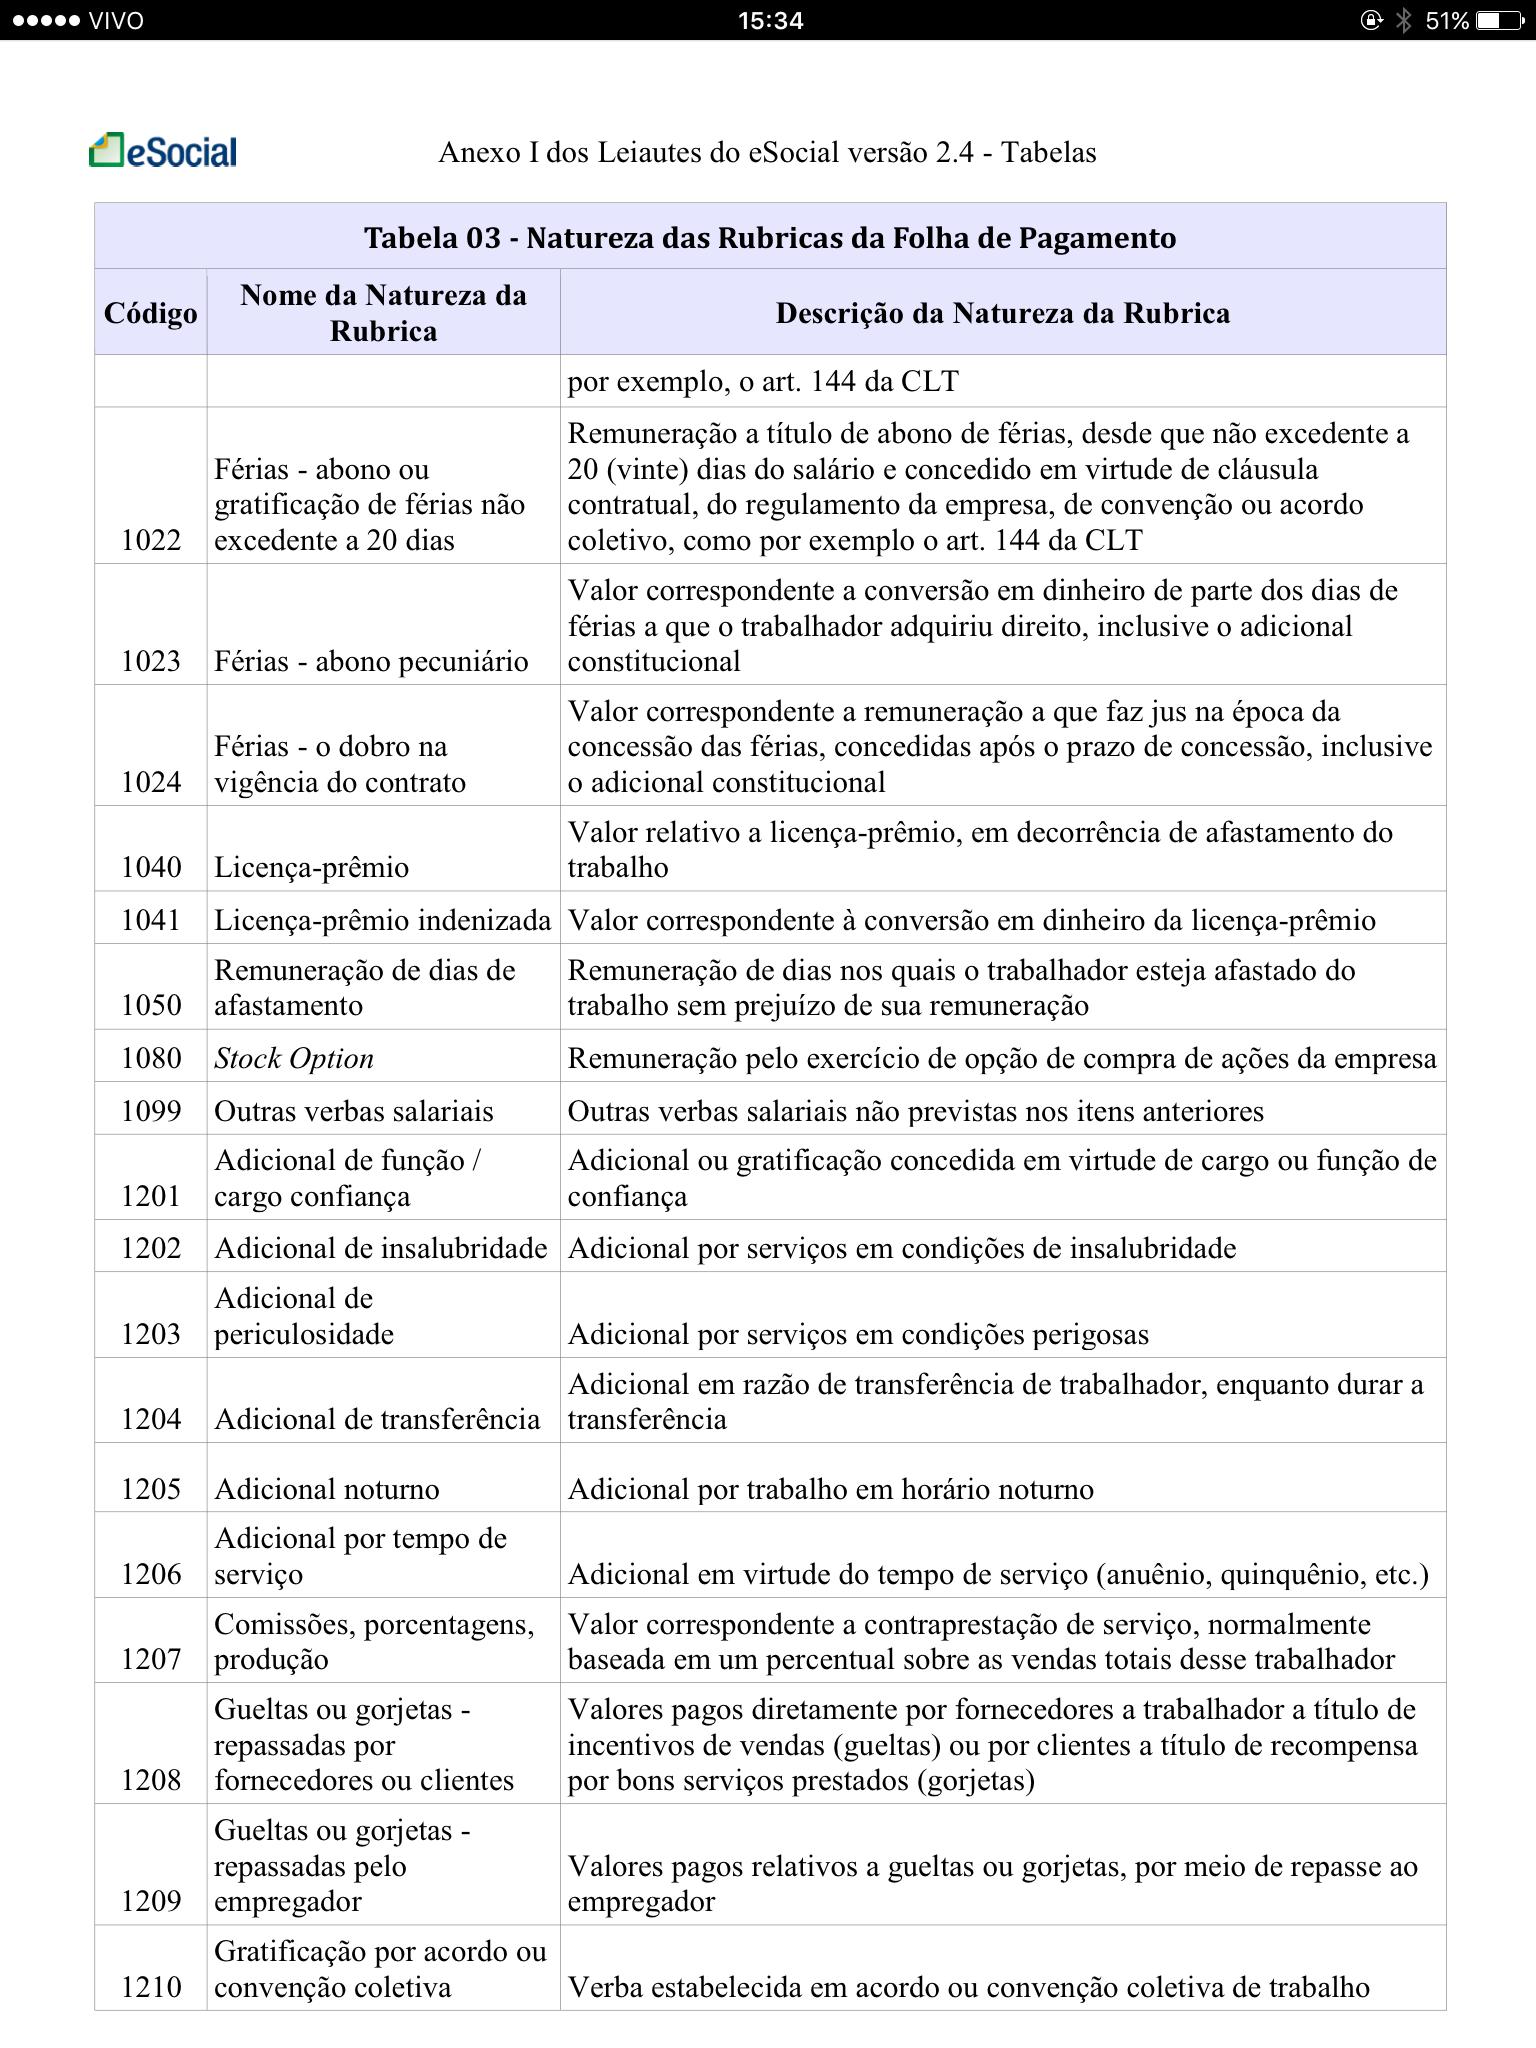 Tabela 3 Natureza das Rubricas da Folha de Pagamento 2